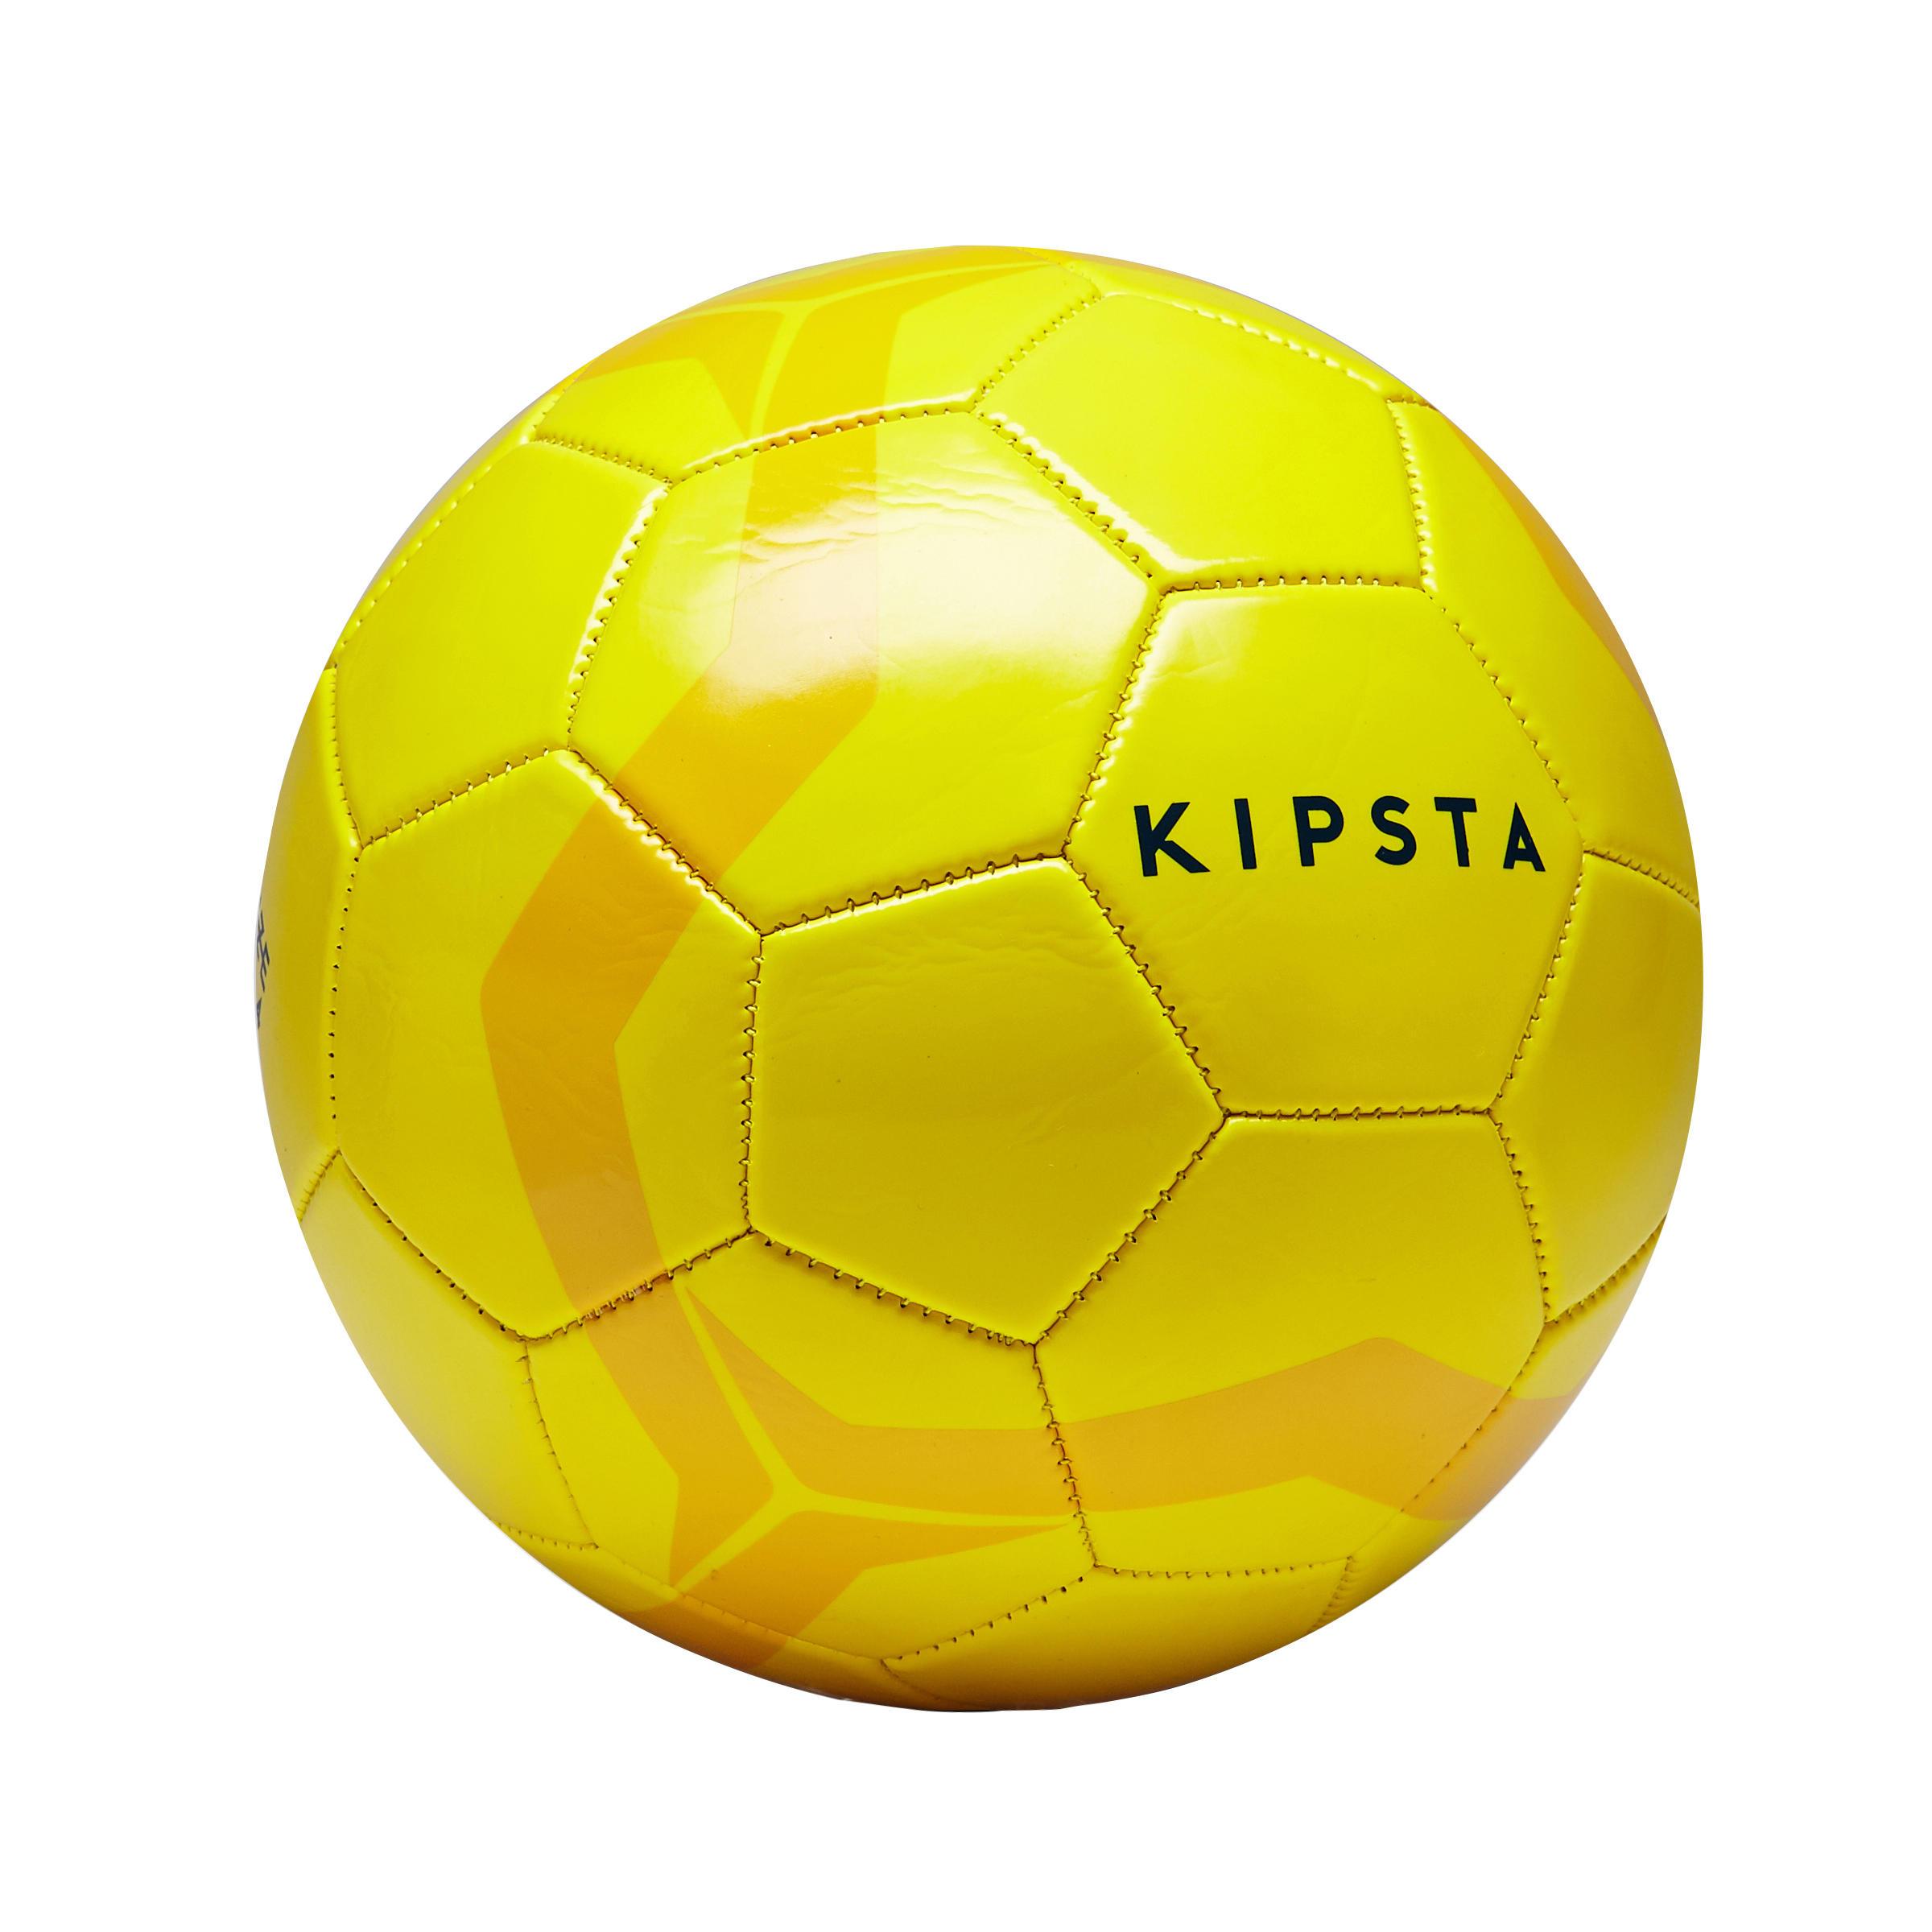 Kipsta Voetbal First Kick maat 4 (kinderen van 8 tot 12 jaar) geel kopen